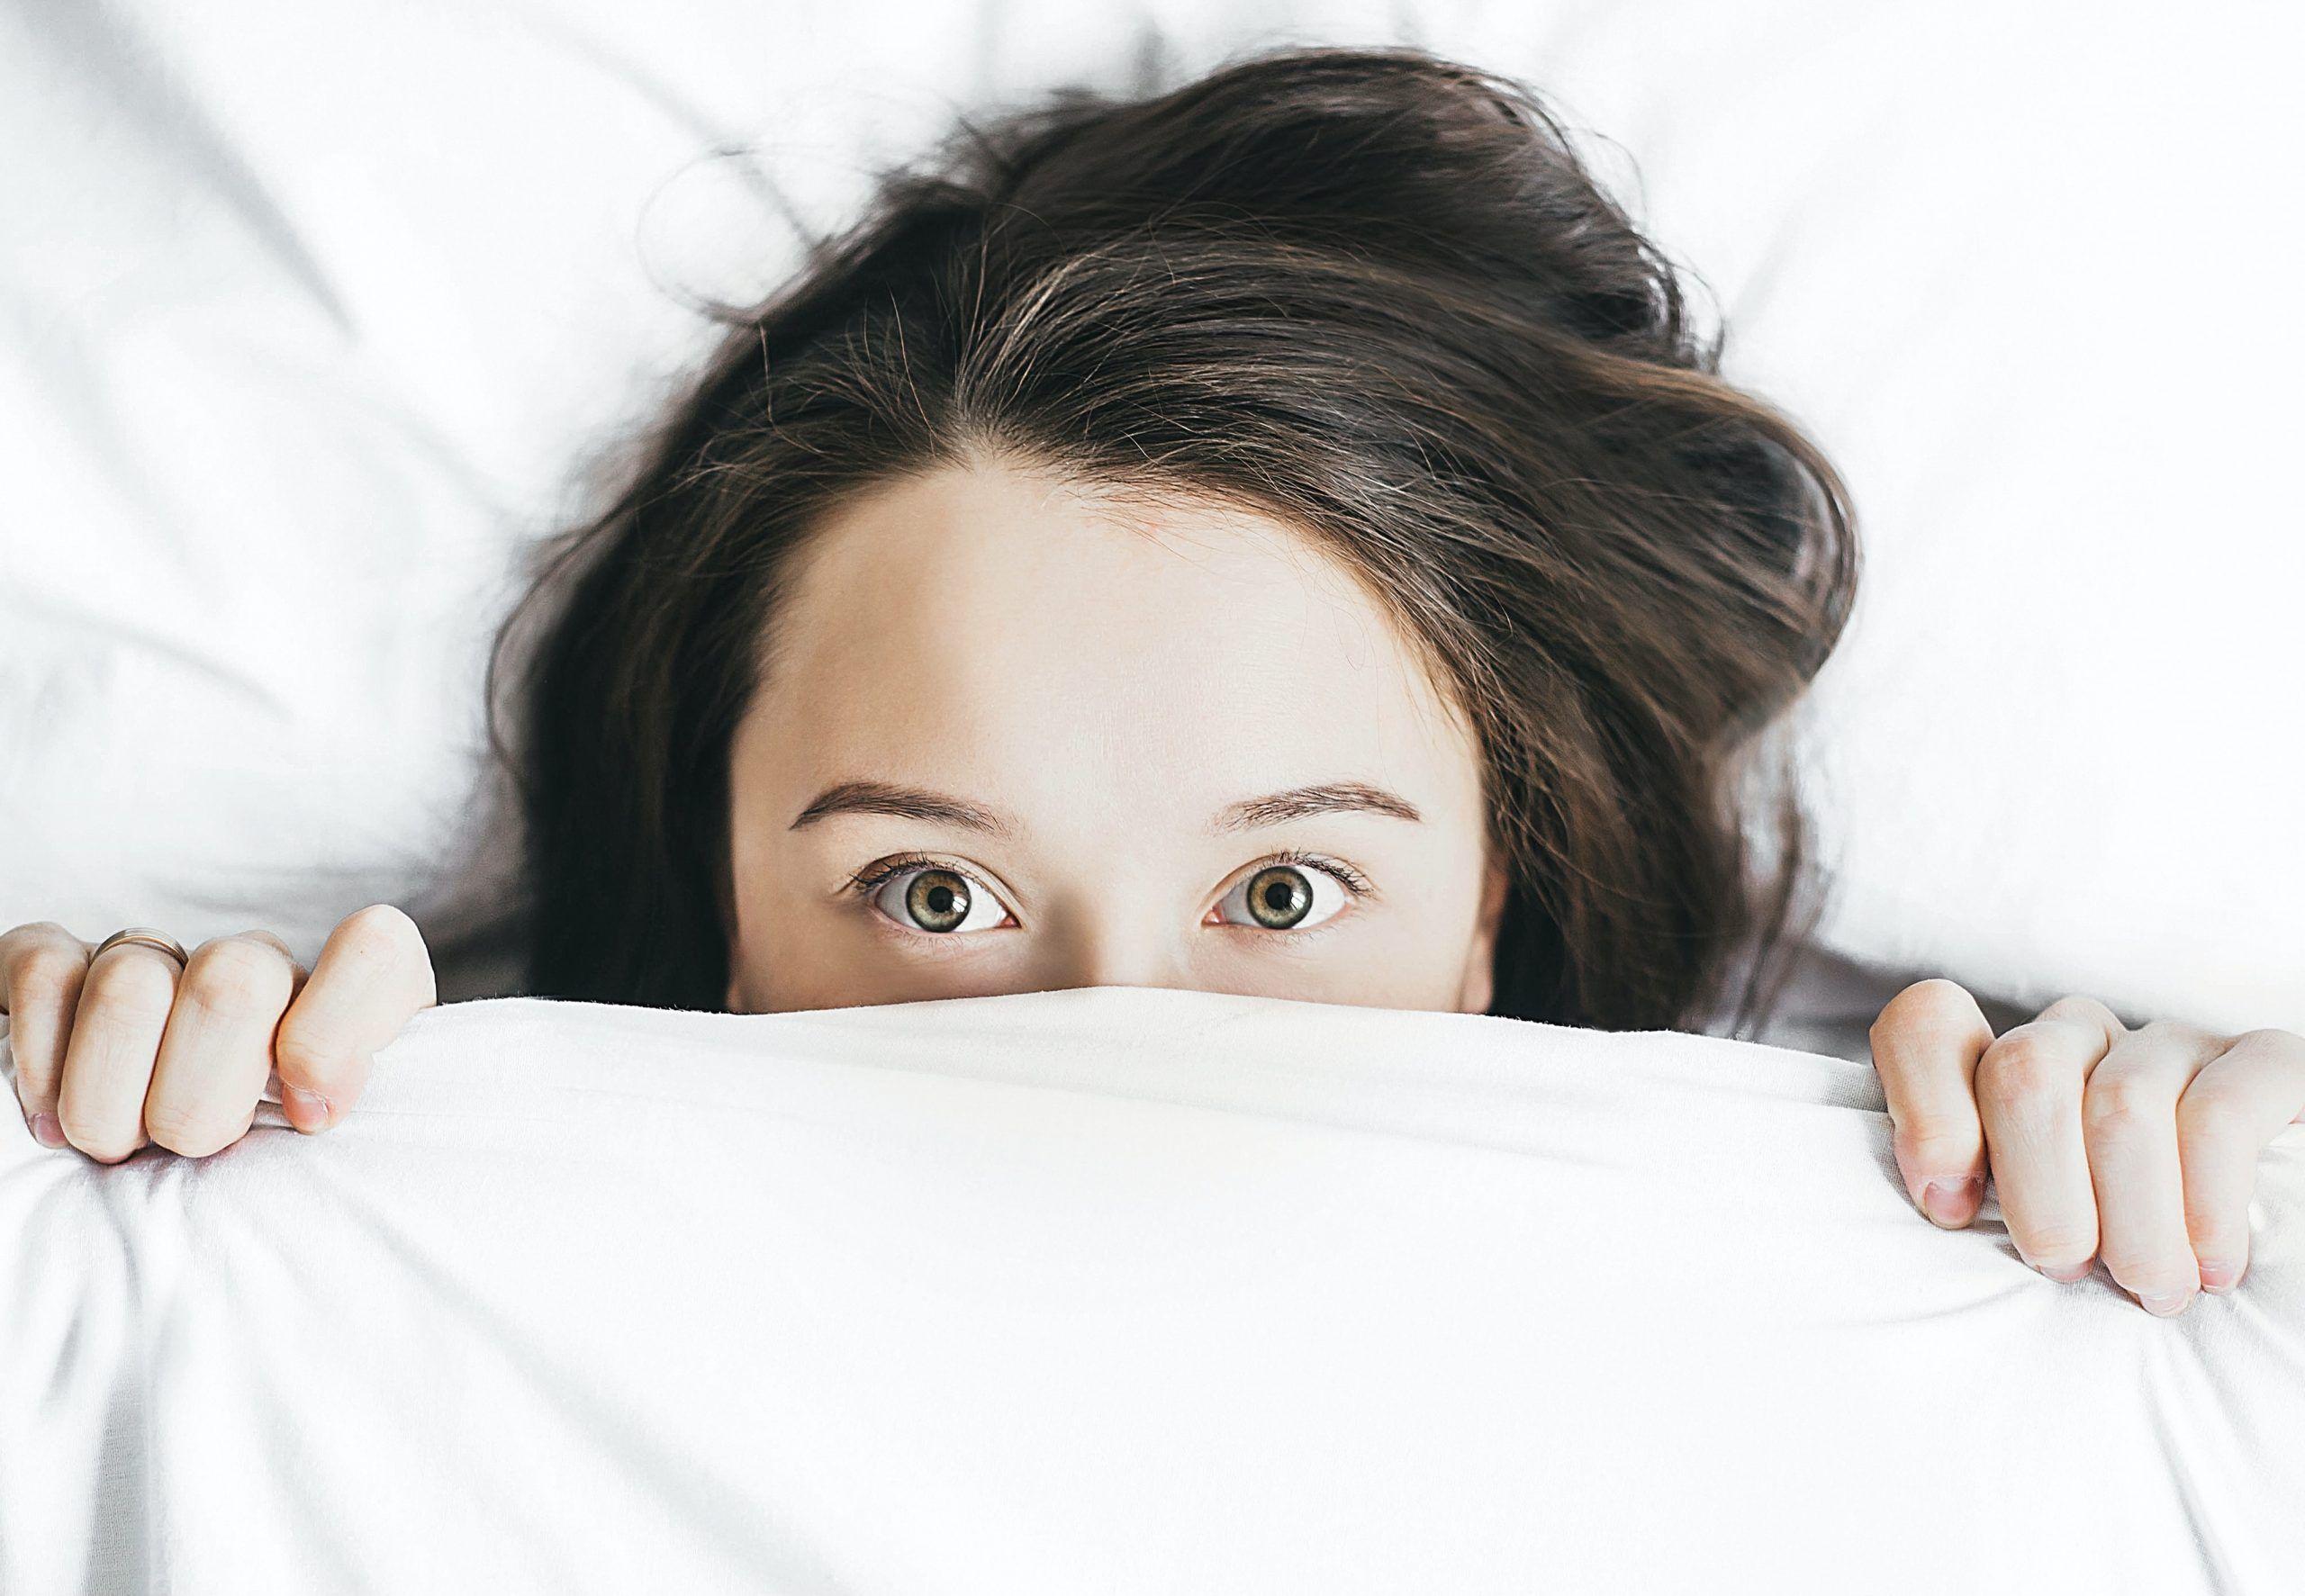 Disturbi del sonno e alimentazione: qual è la correlazione?